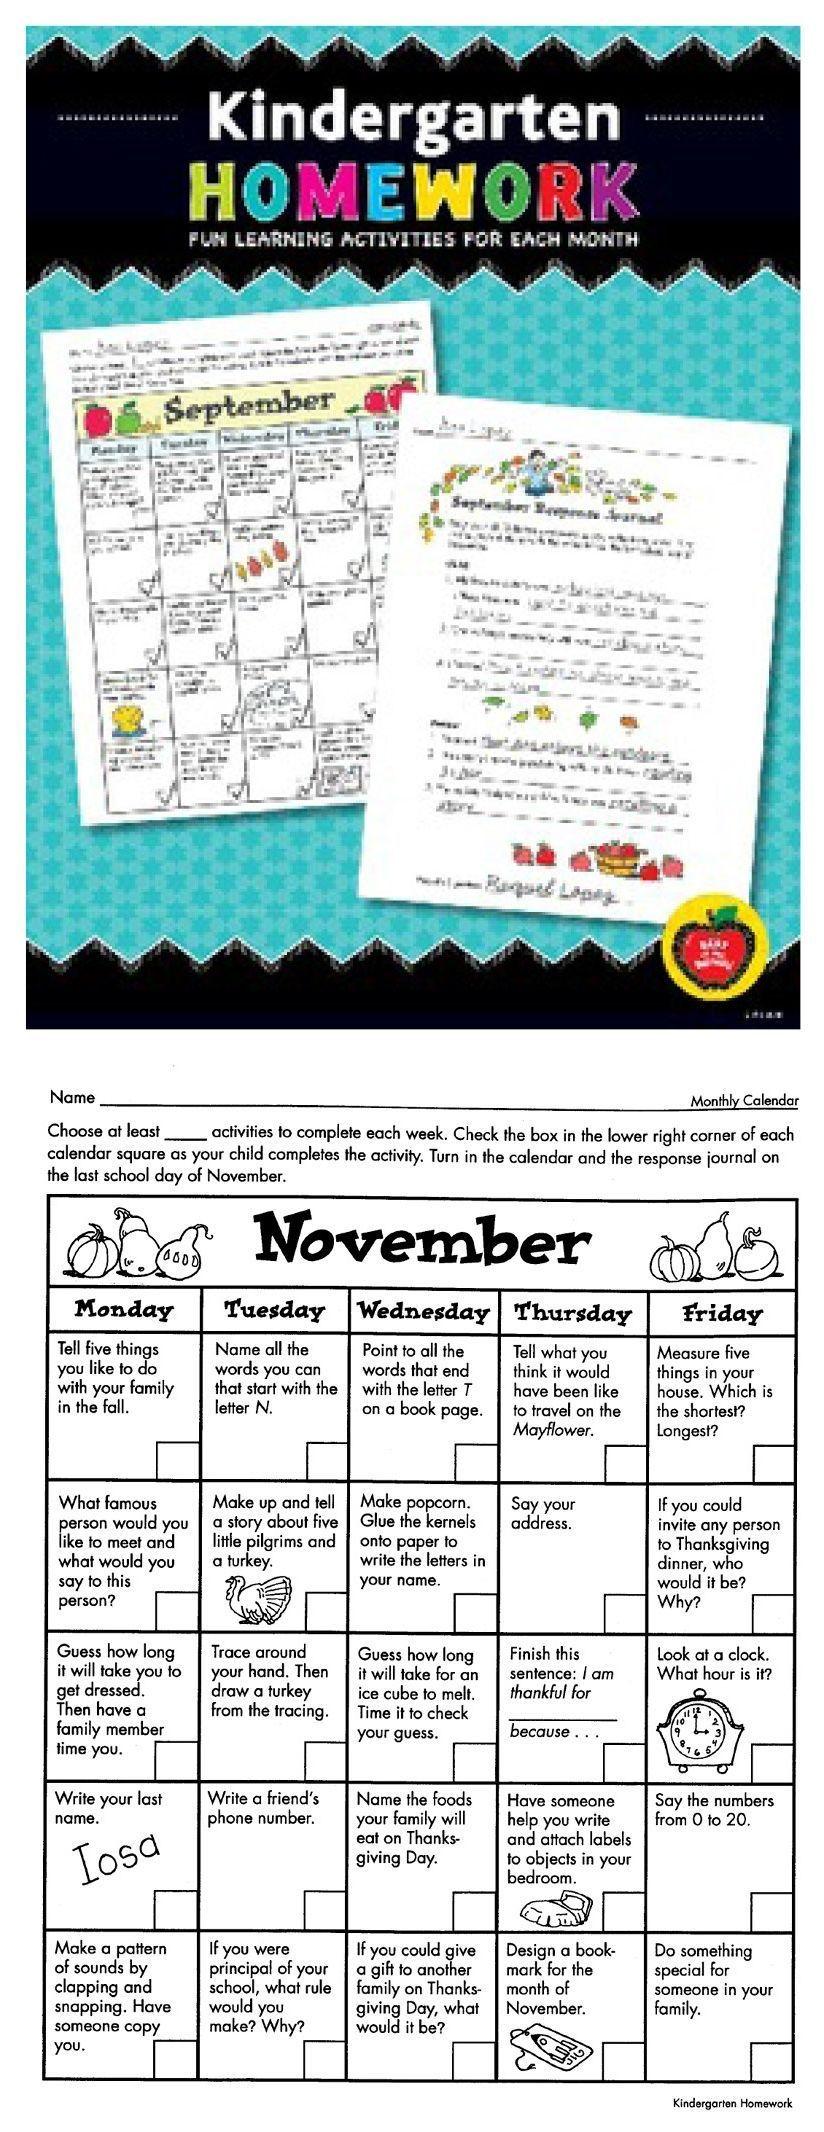 Kindergarten Homework: Fun Learning Activities For Each